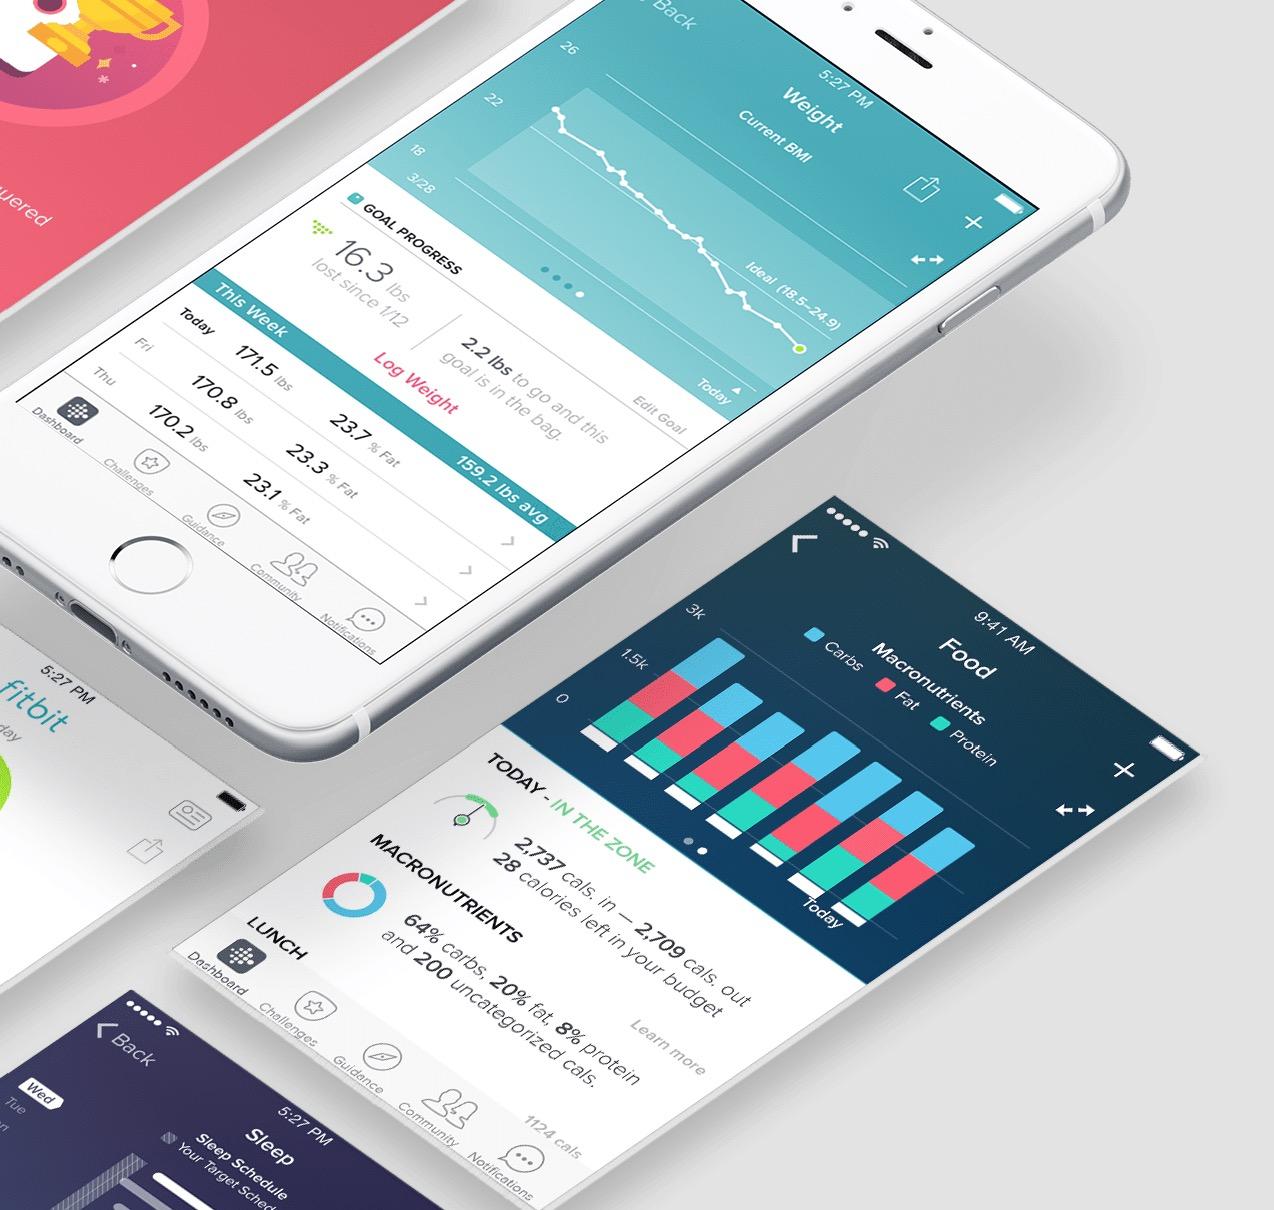 miglior app per la dieta tracker 2020